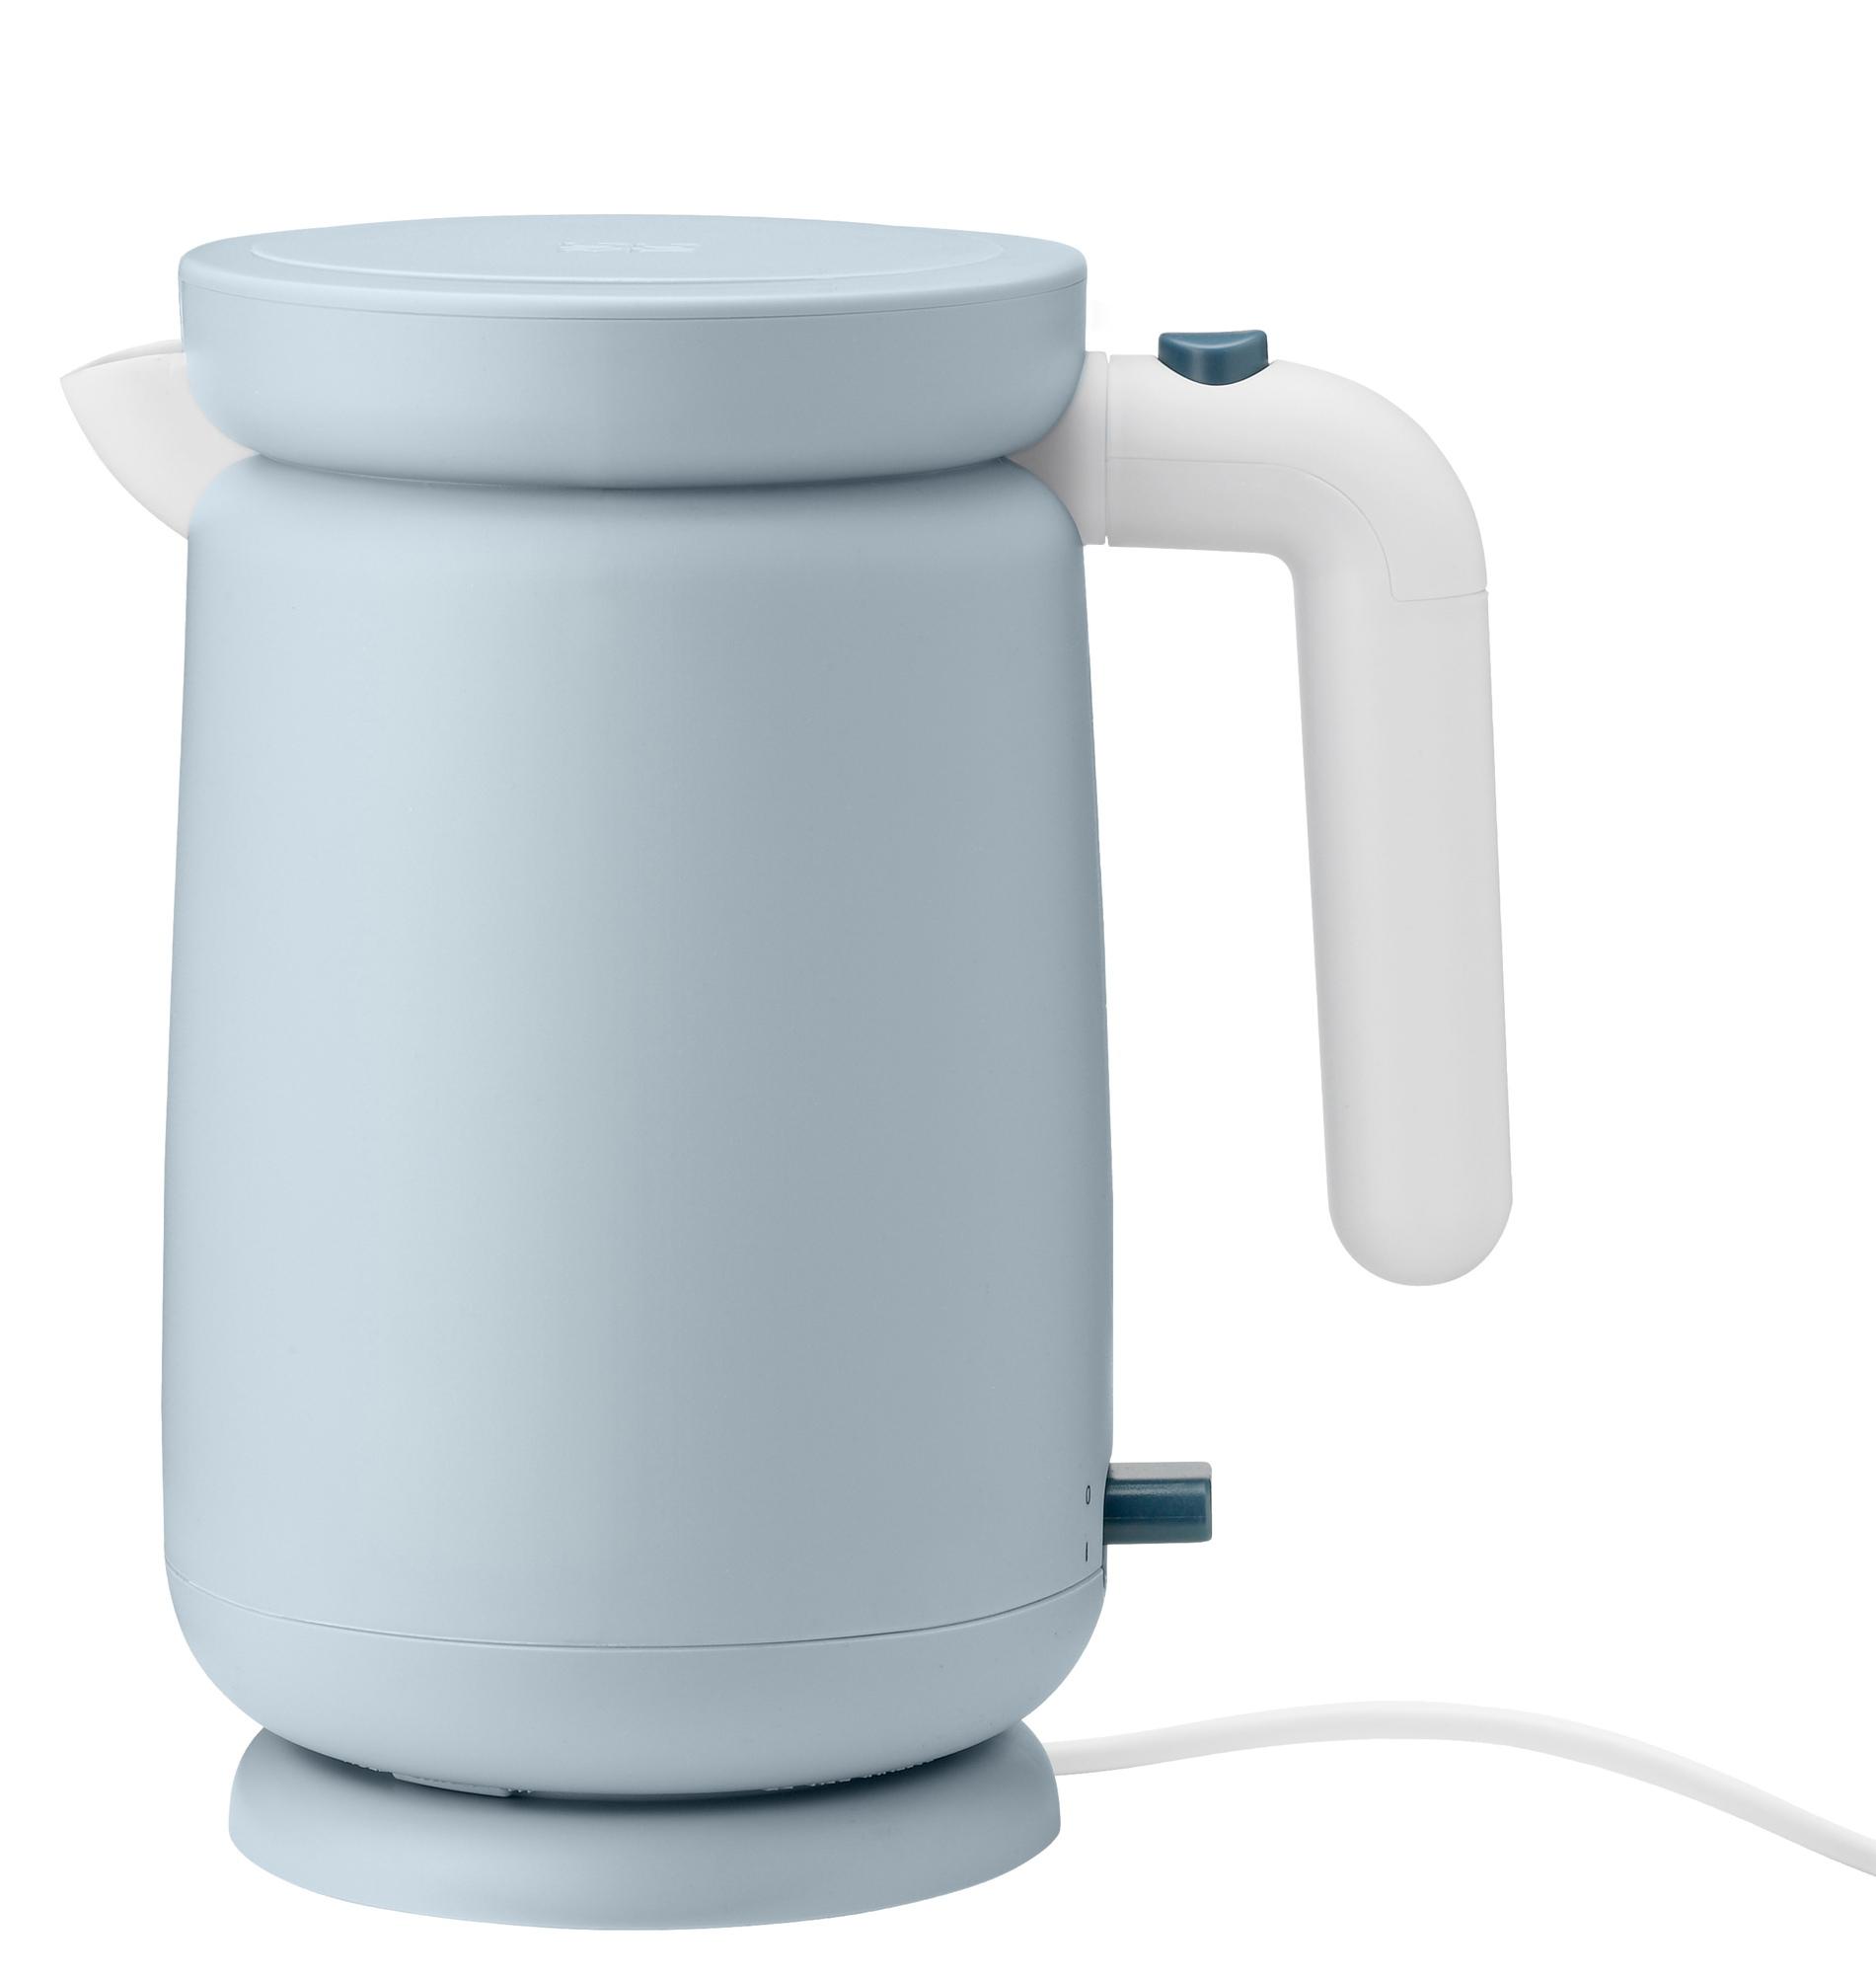 Foodie Electric Kettle Wasserkocher Hellblau Stelton